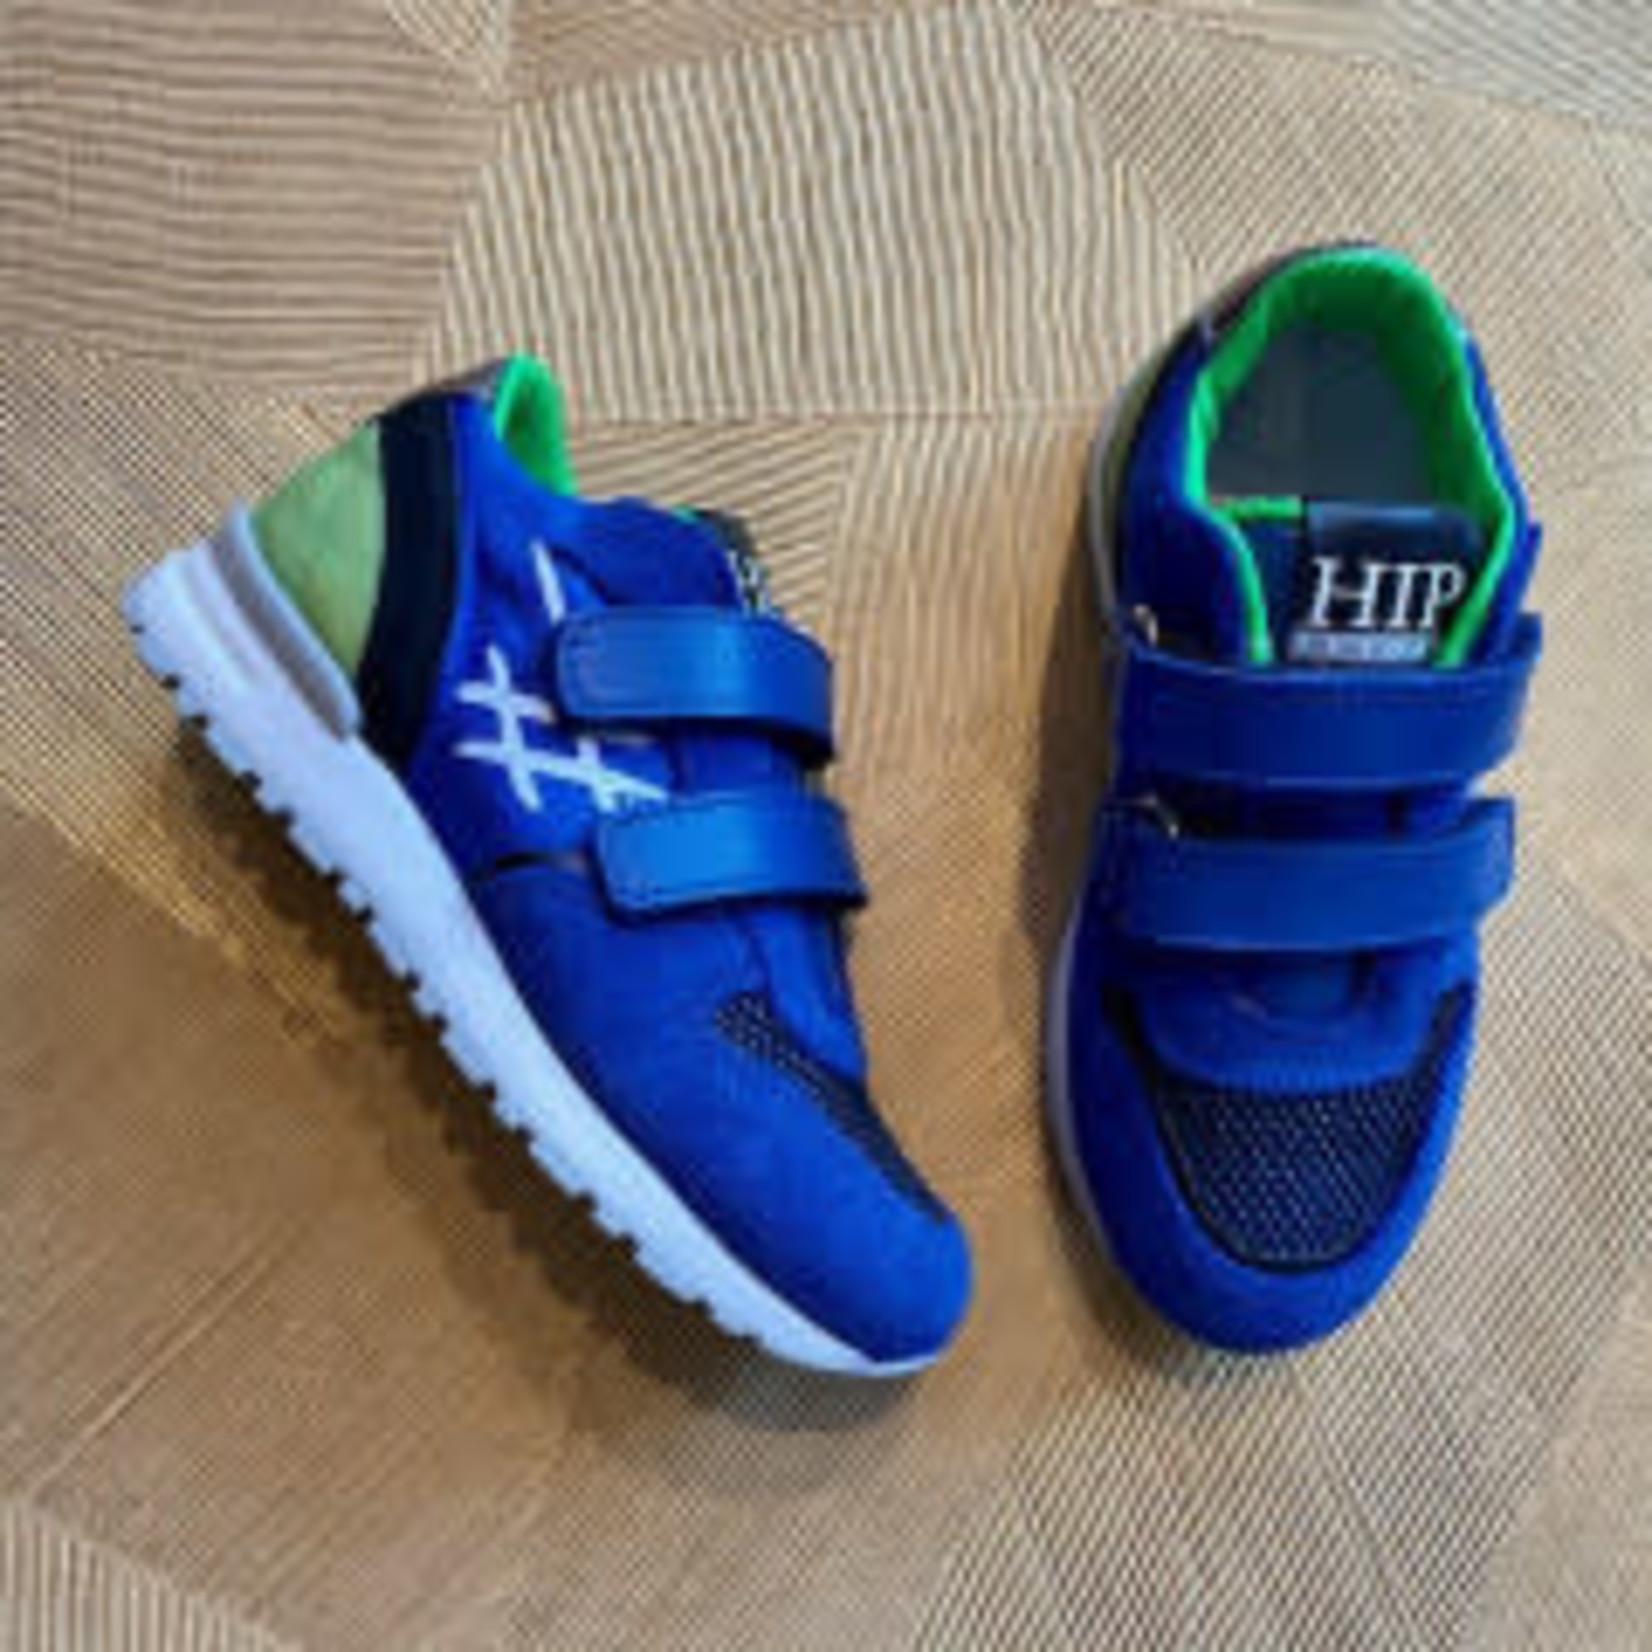 HIP HIP outlet runner COBALT